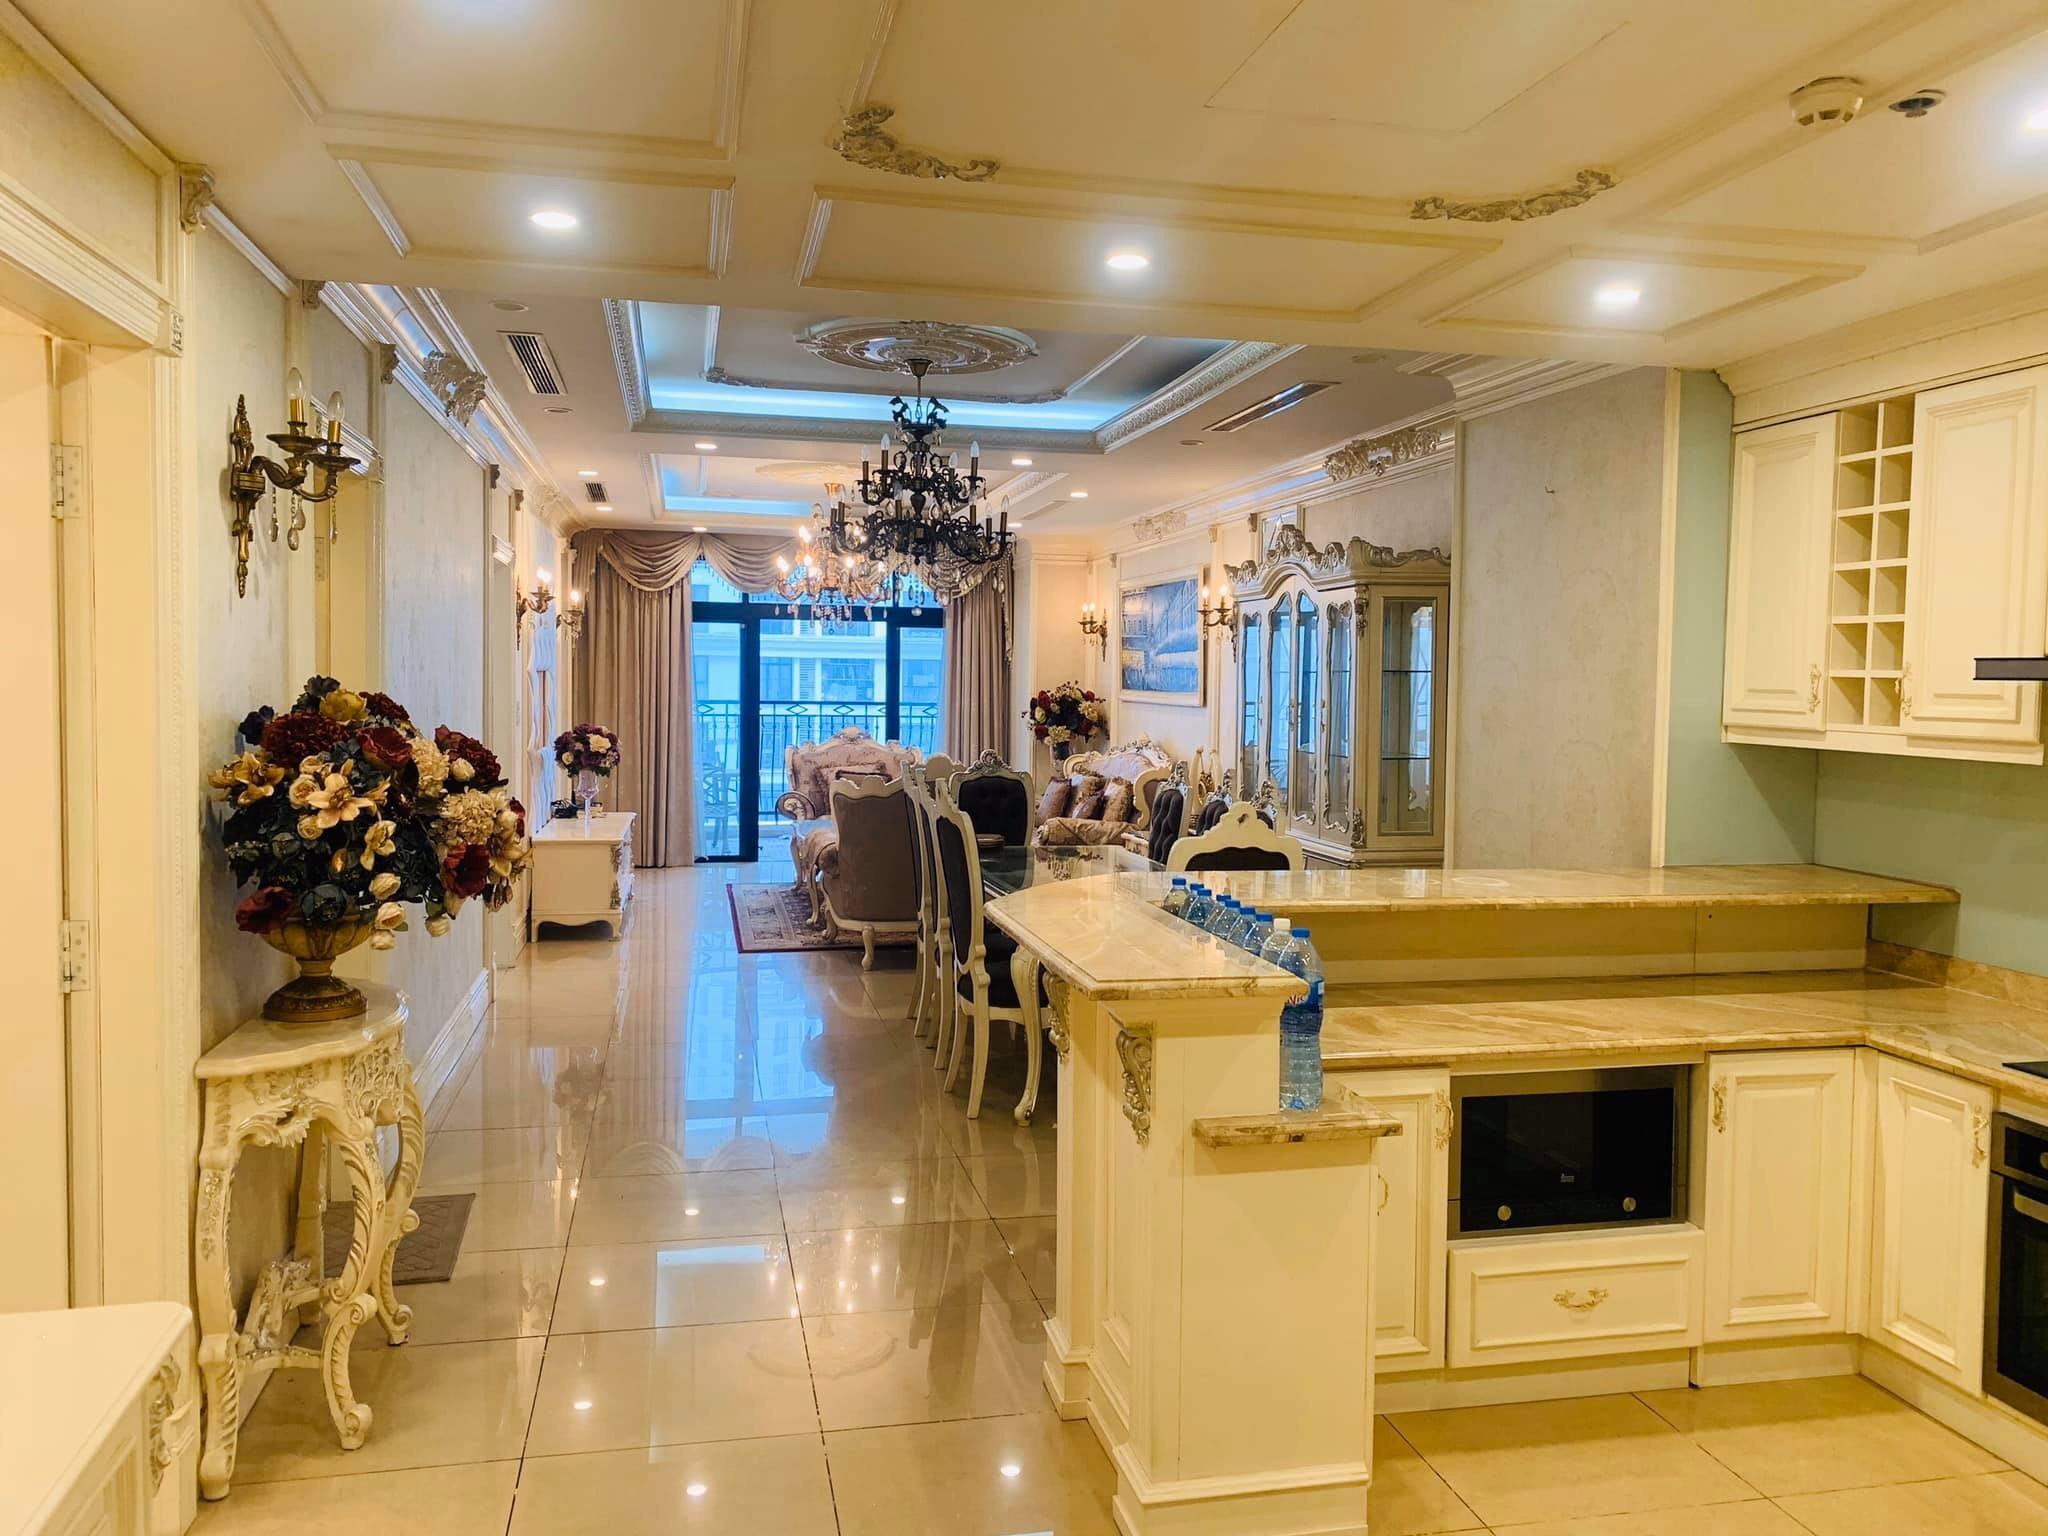 Bán gấp căn hộ R3 Royal city 3 phòng ngủ 157m2 căn góc